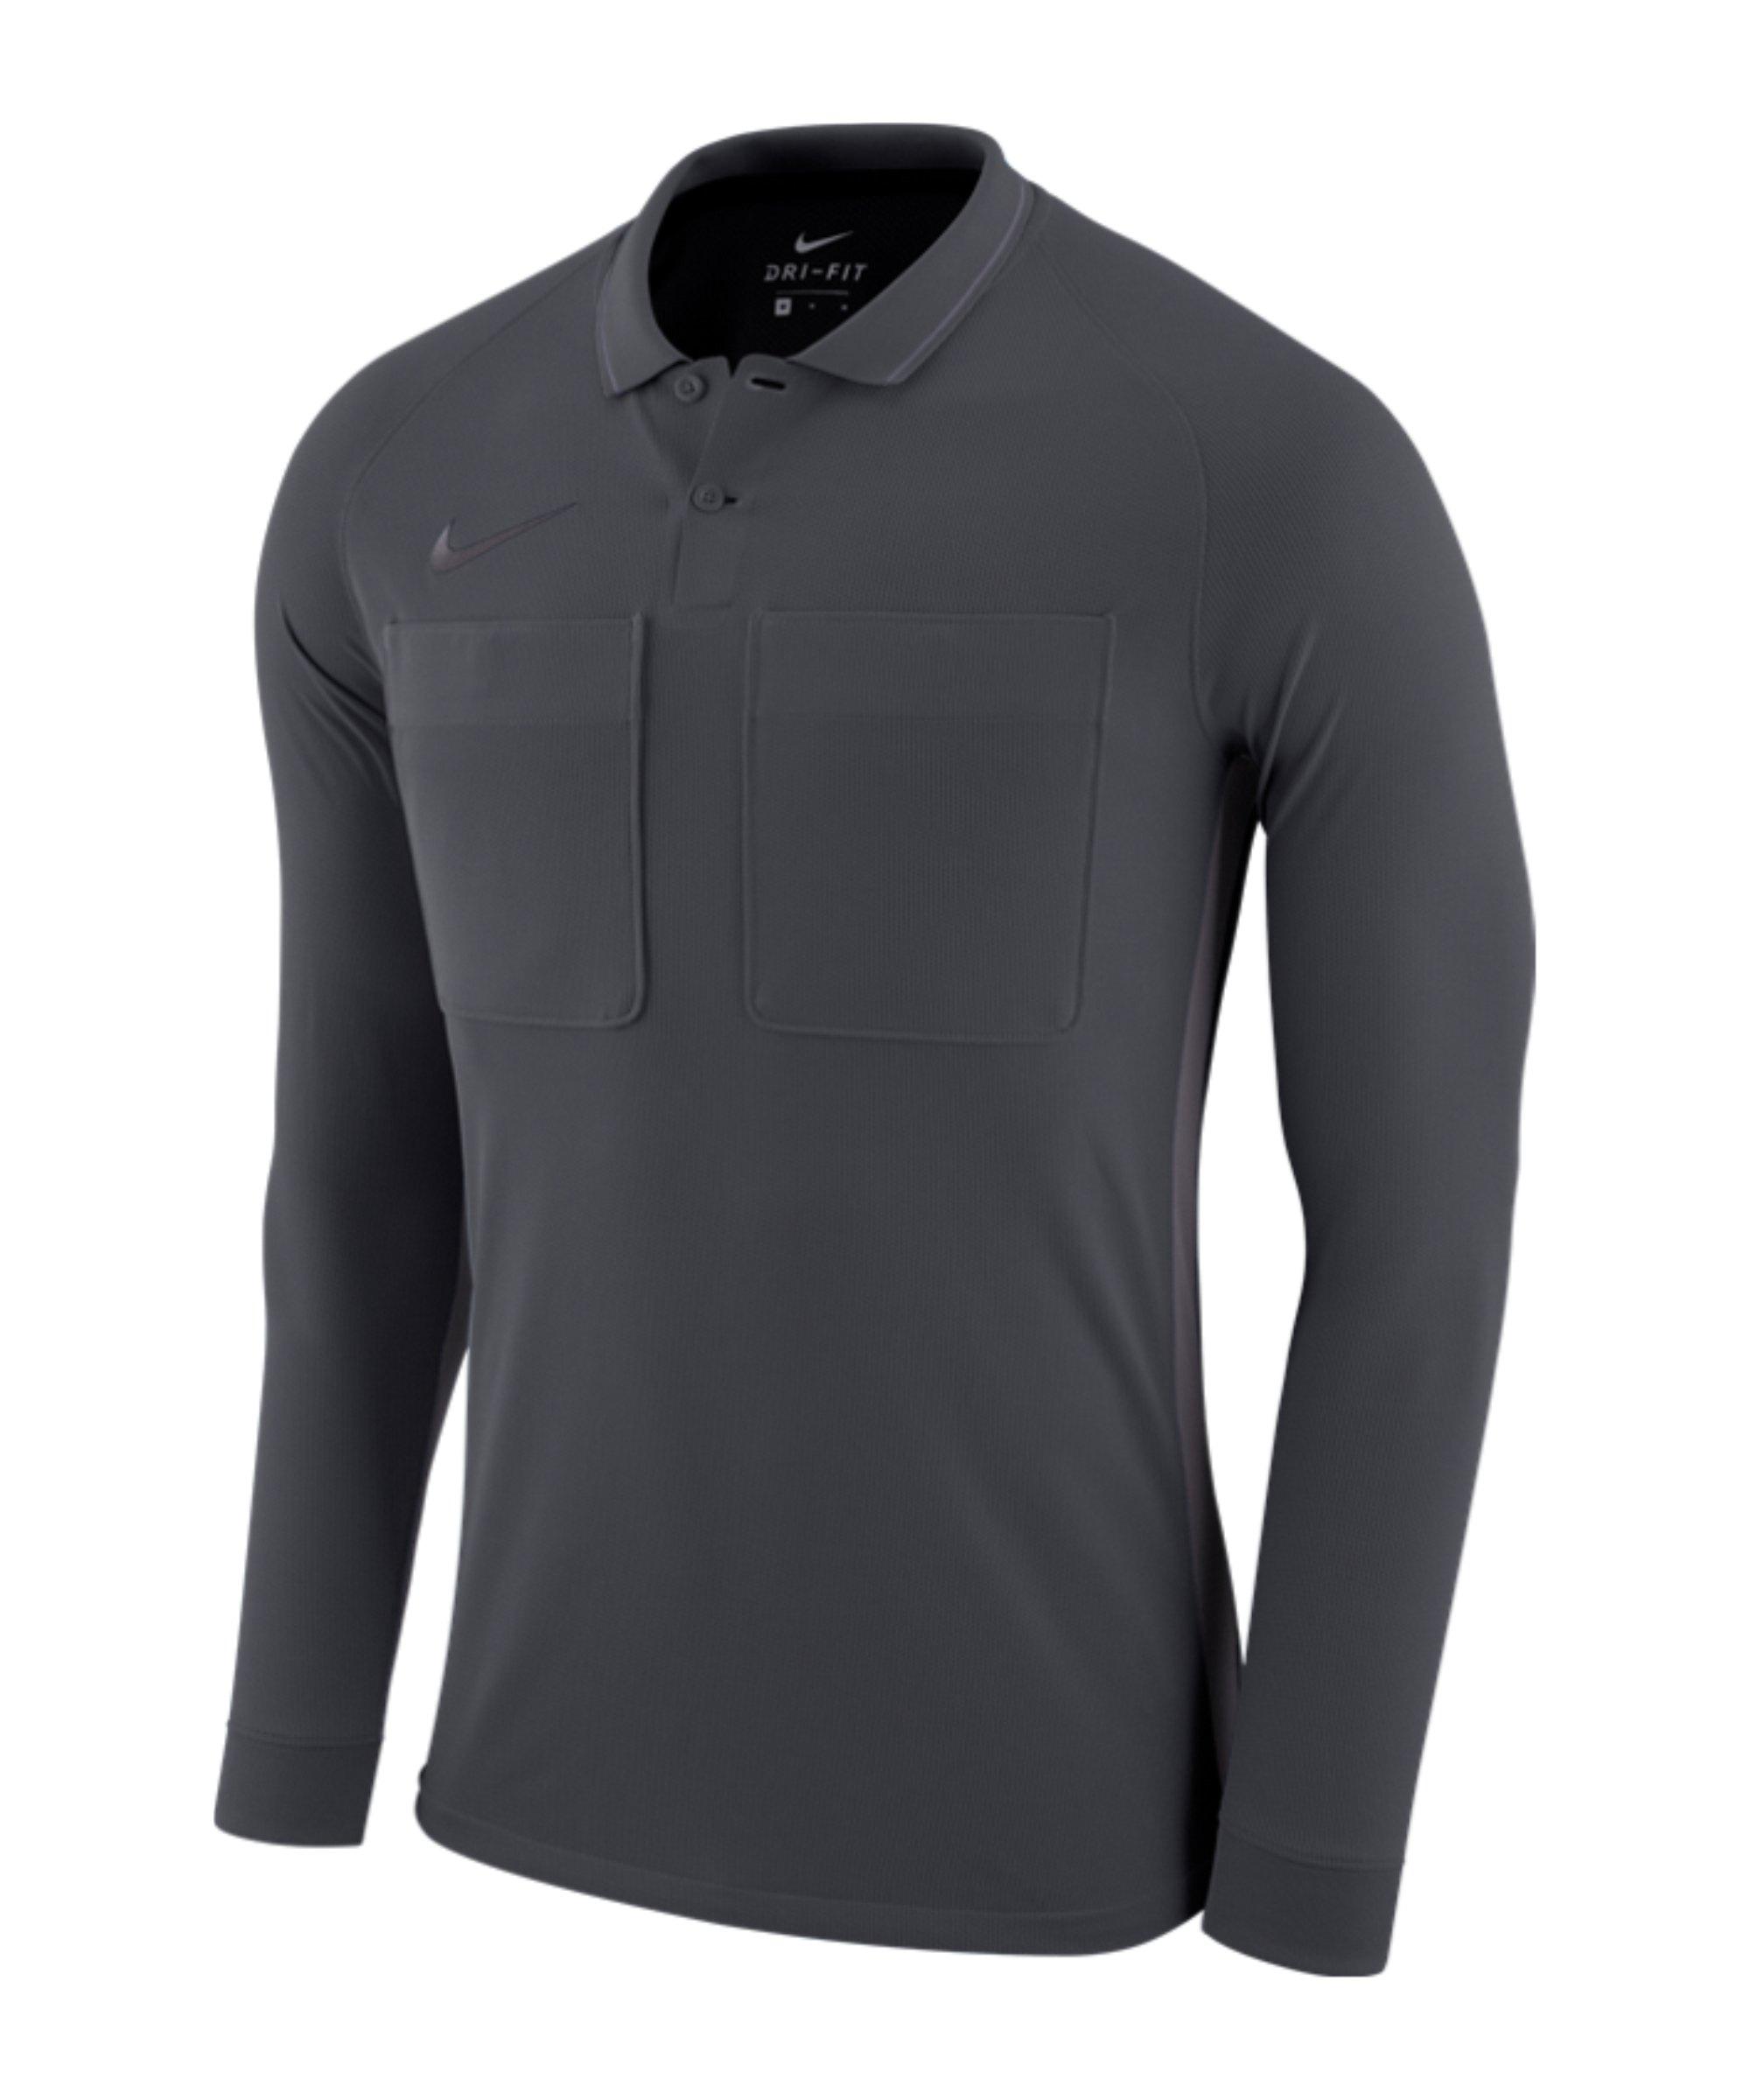 Nike Dry Referee Trikot langarm Grau F060 - grau